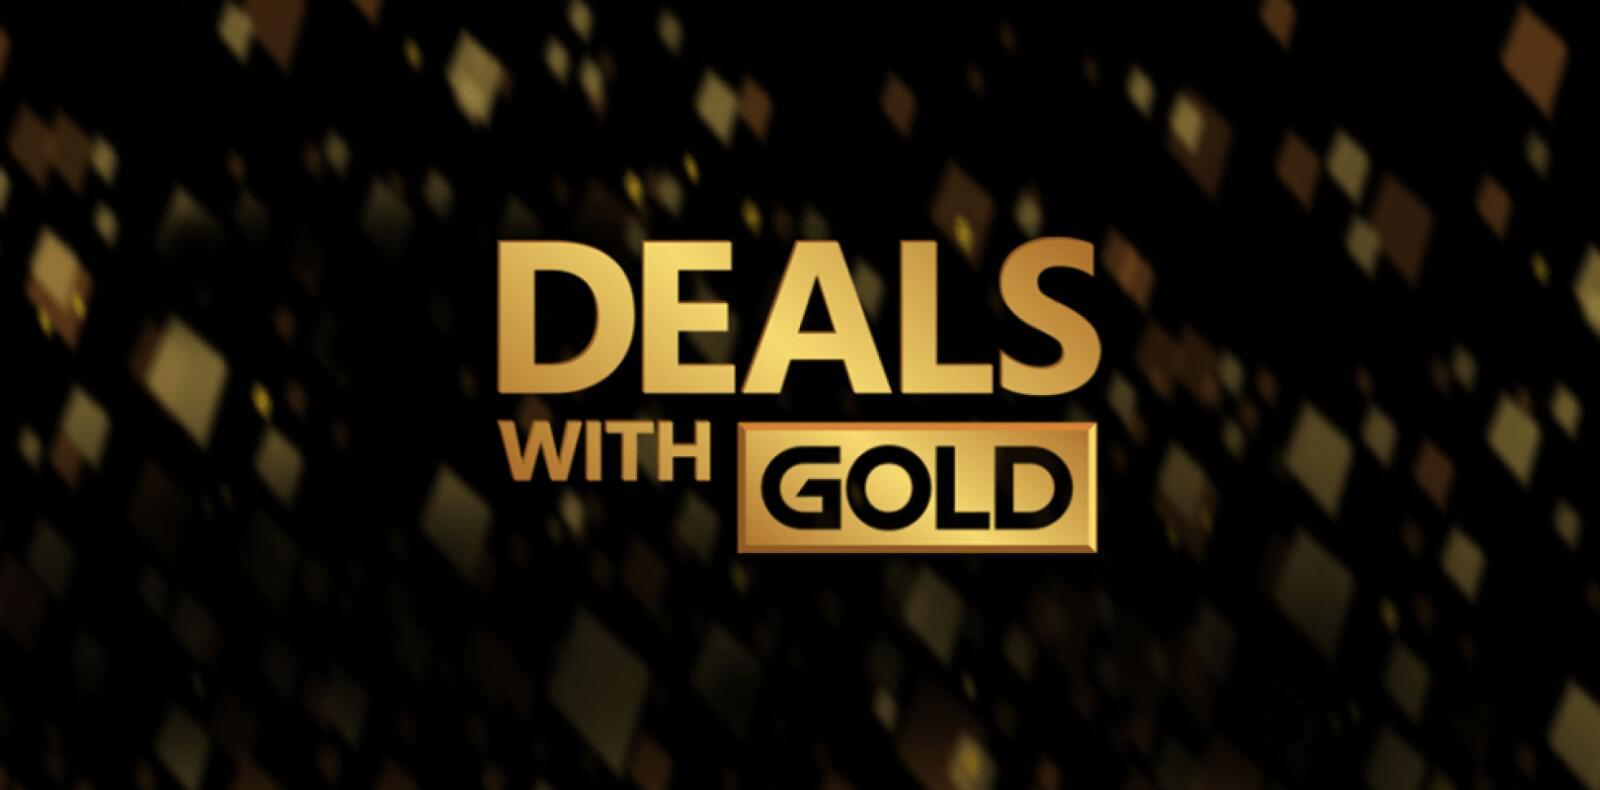 Xbox: Deals With Gold semana del 23 de febrero al 2 de marzo de 2021